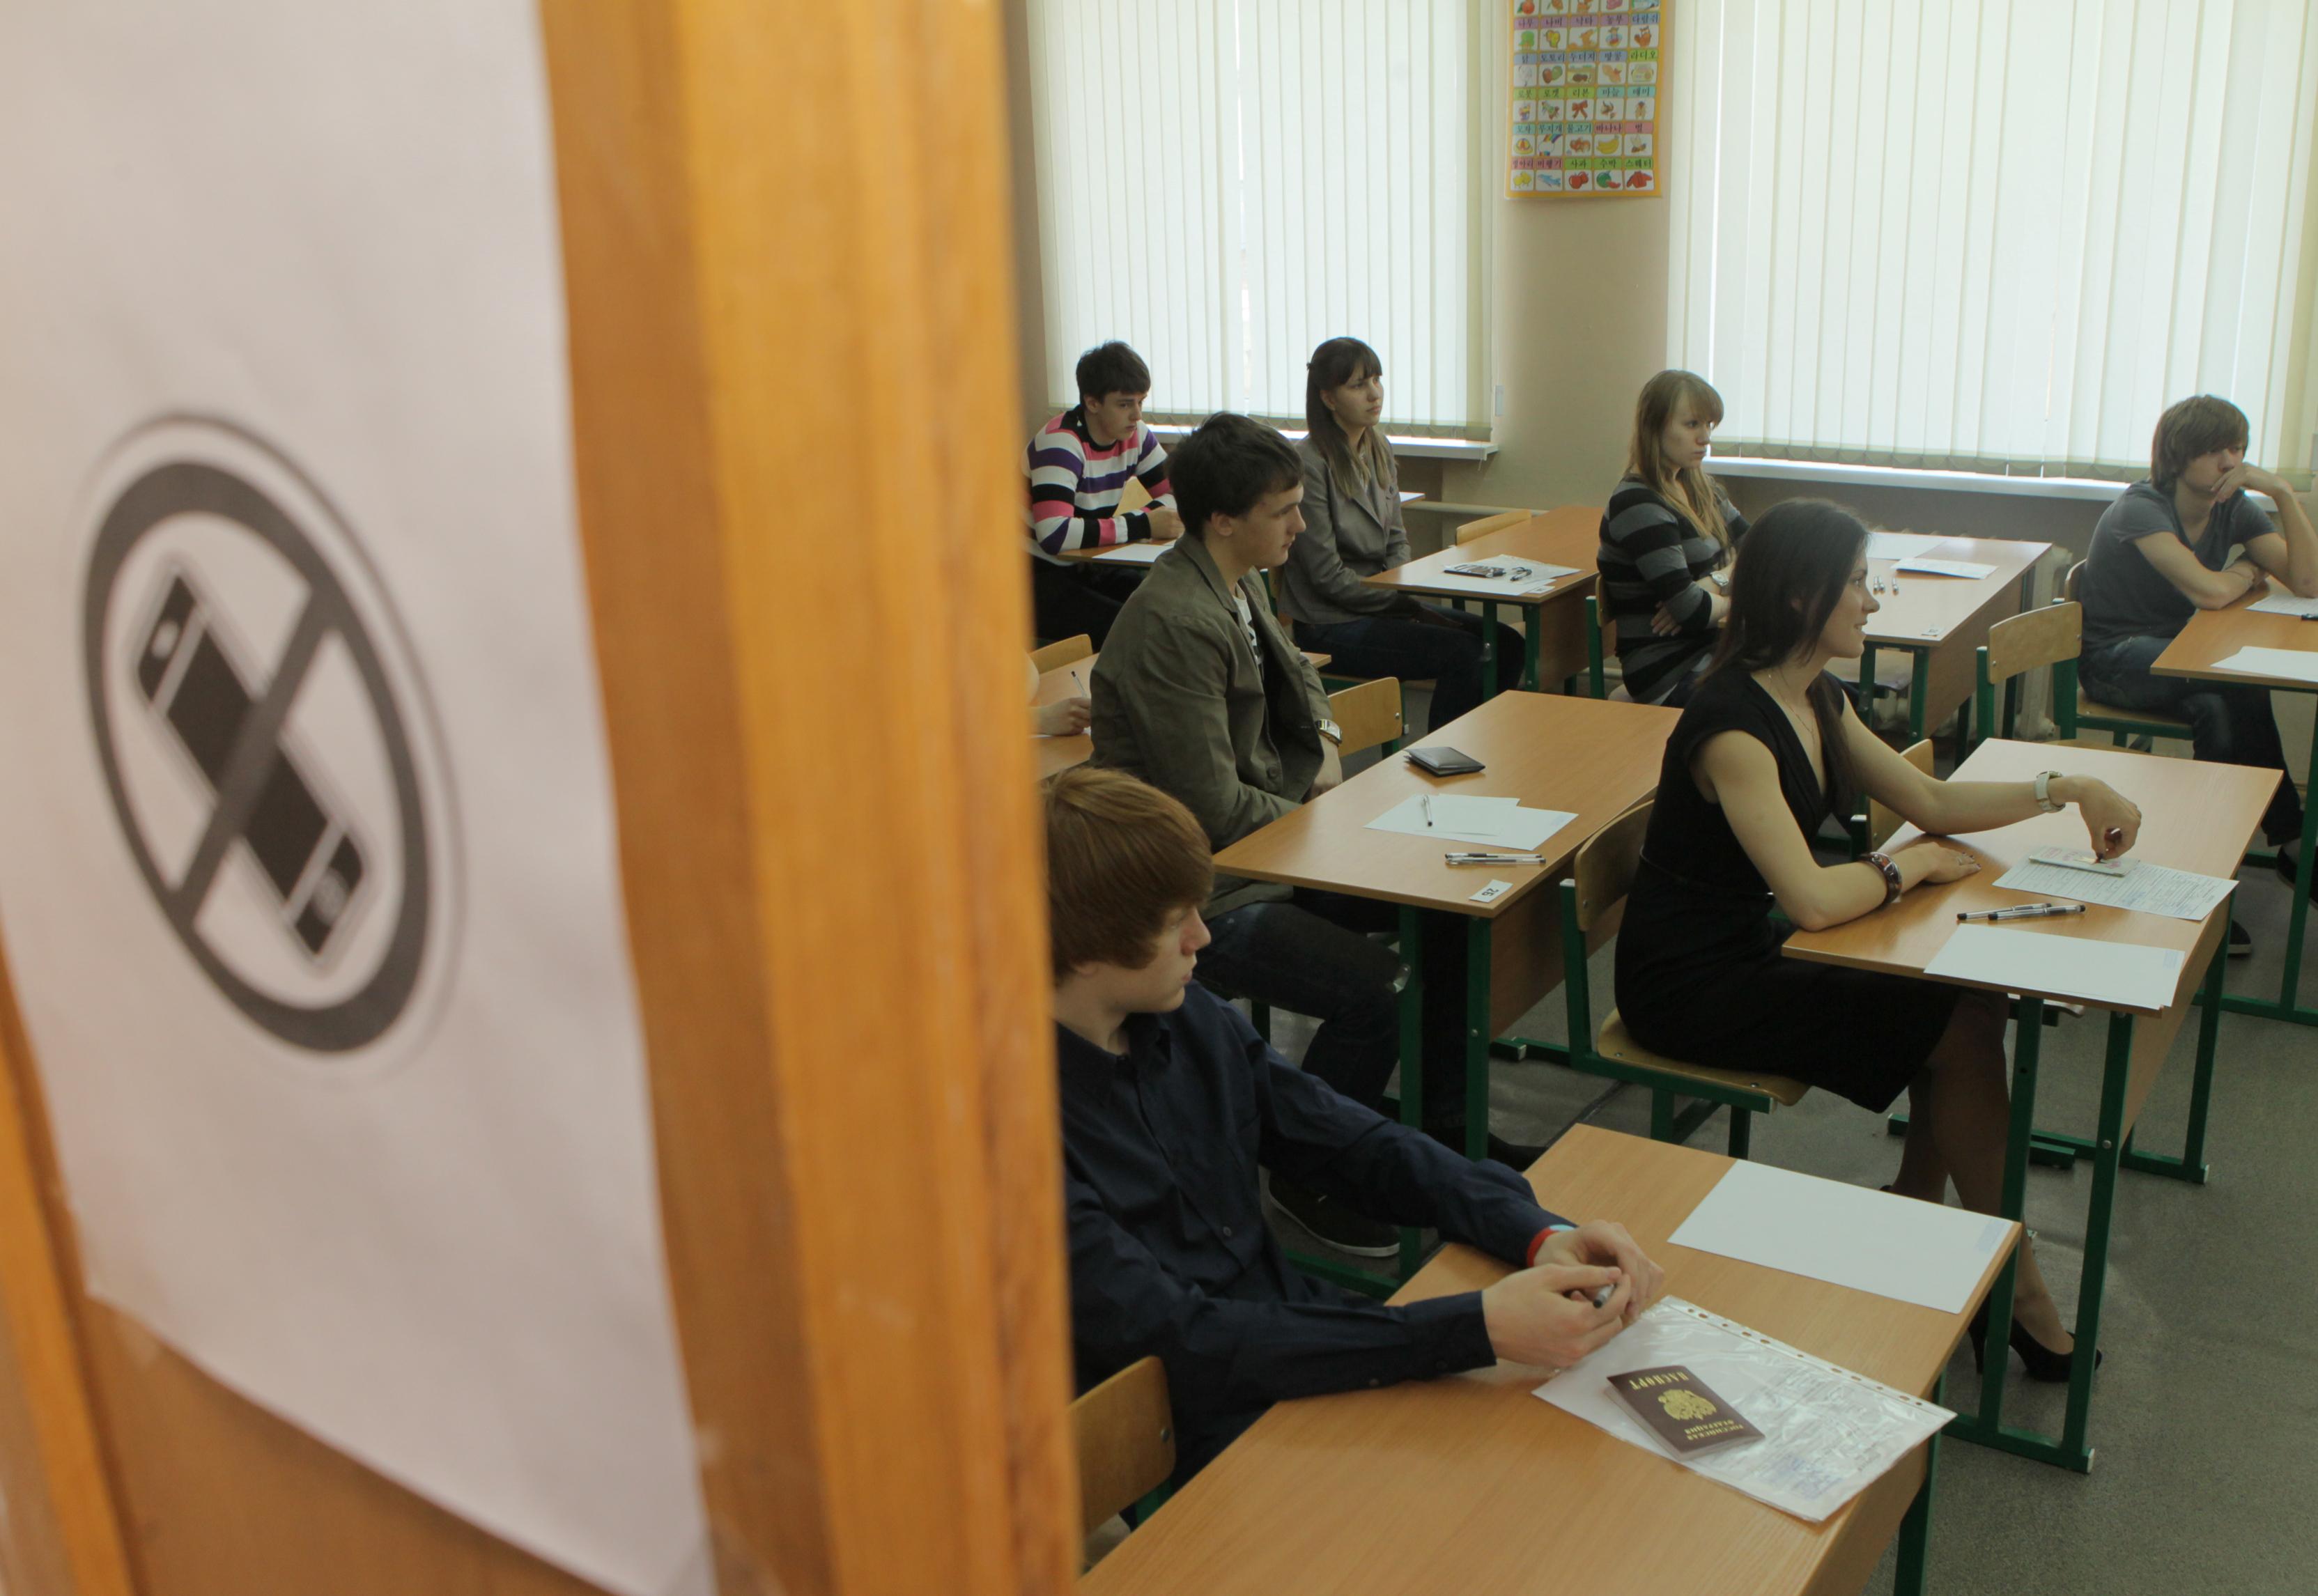 Студентка пришла сдавать экзамен, Студентки сдали экзамен профессору устно 17 фотография